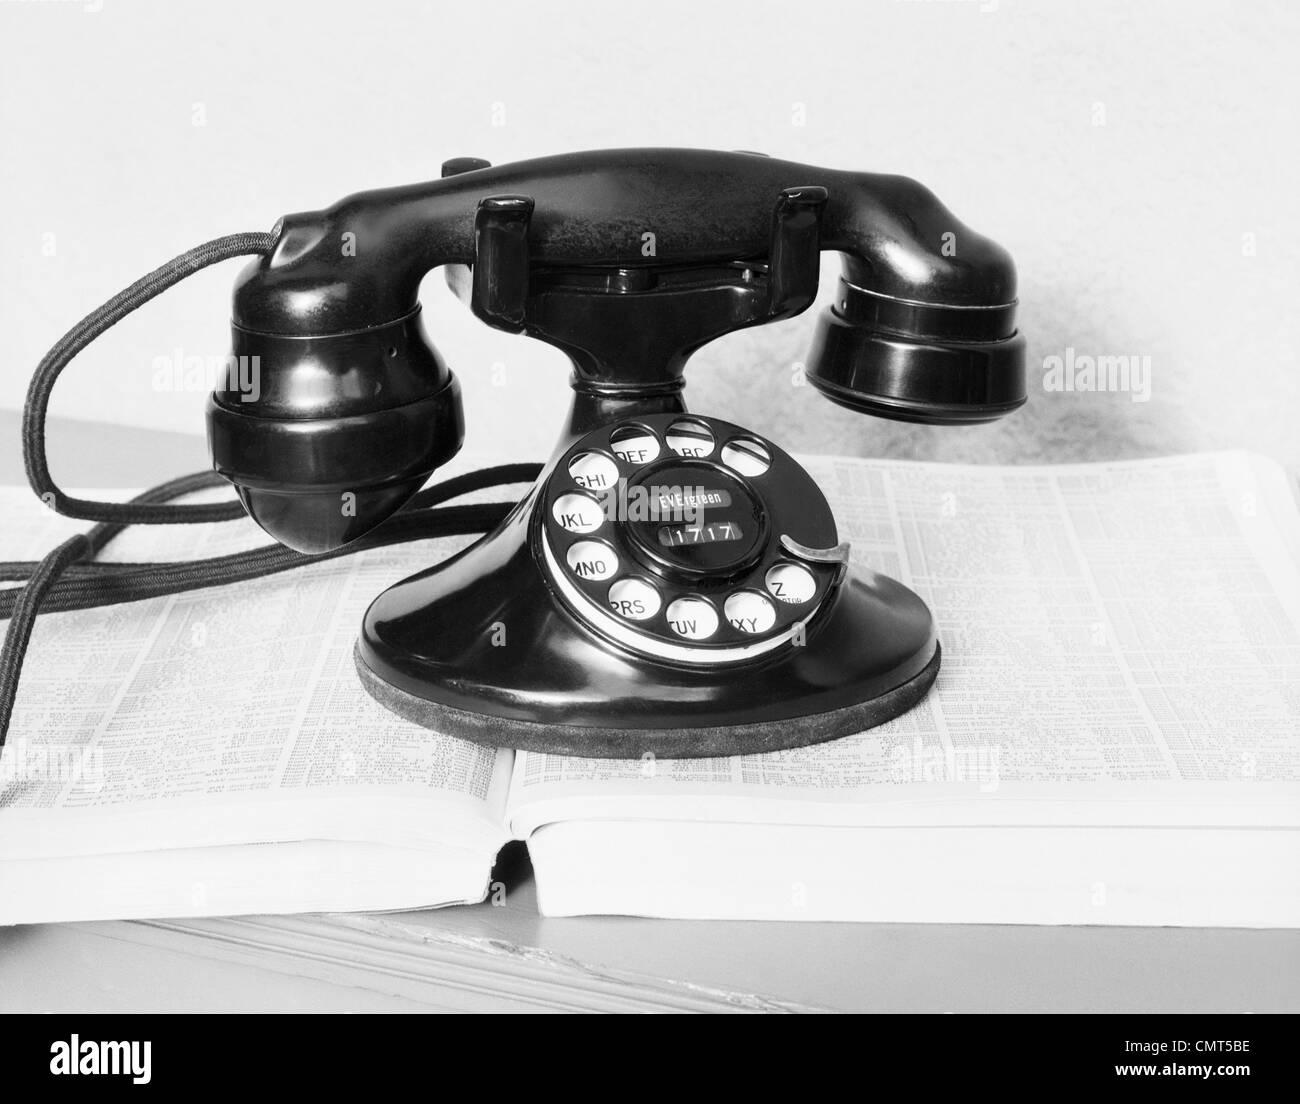 1930 OLD BLACK CADRAN ROTATIF BERCEAU TÉLÉPHONE LE NUMÉRO DE TÉLÉPHONE OUVERT LIVRE ANNUAIRE Photo Stock